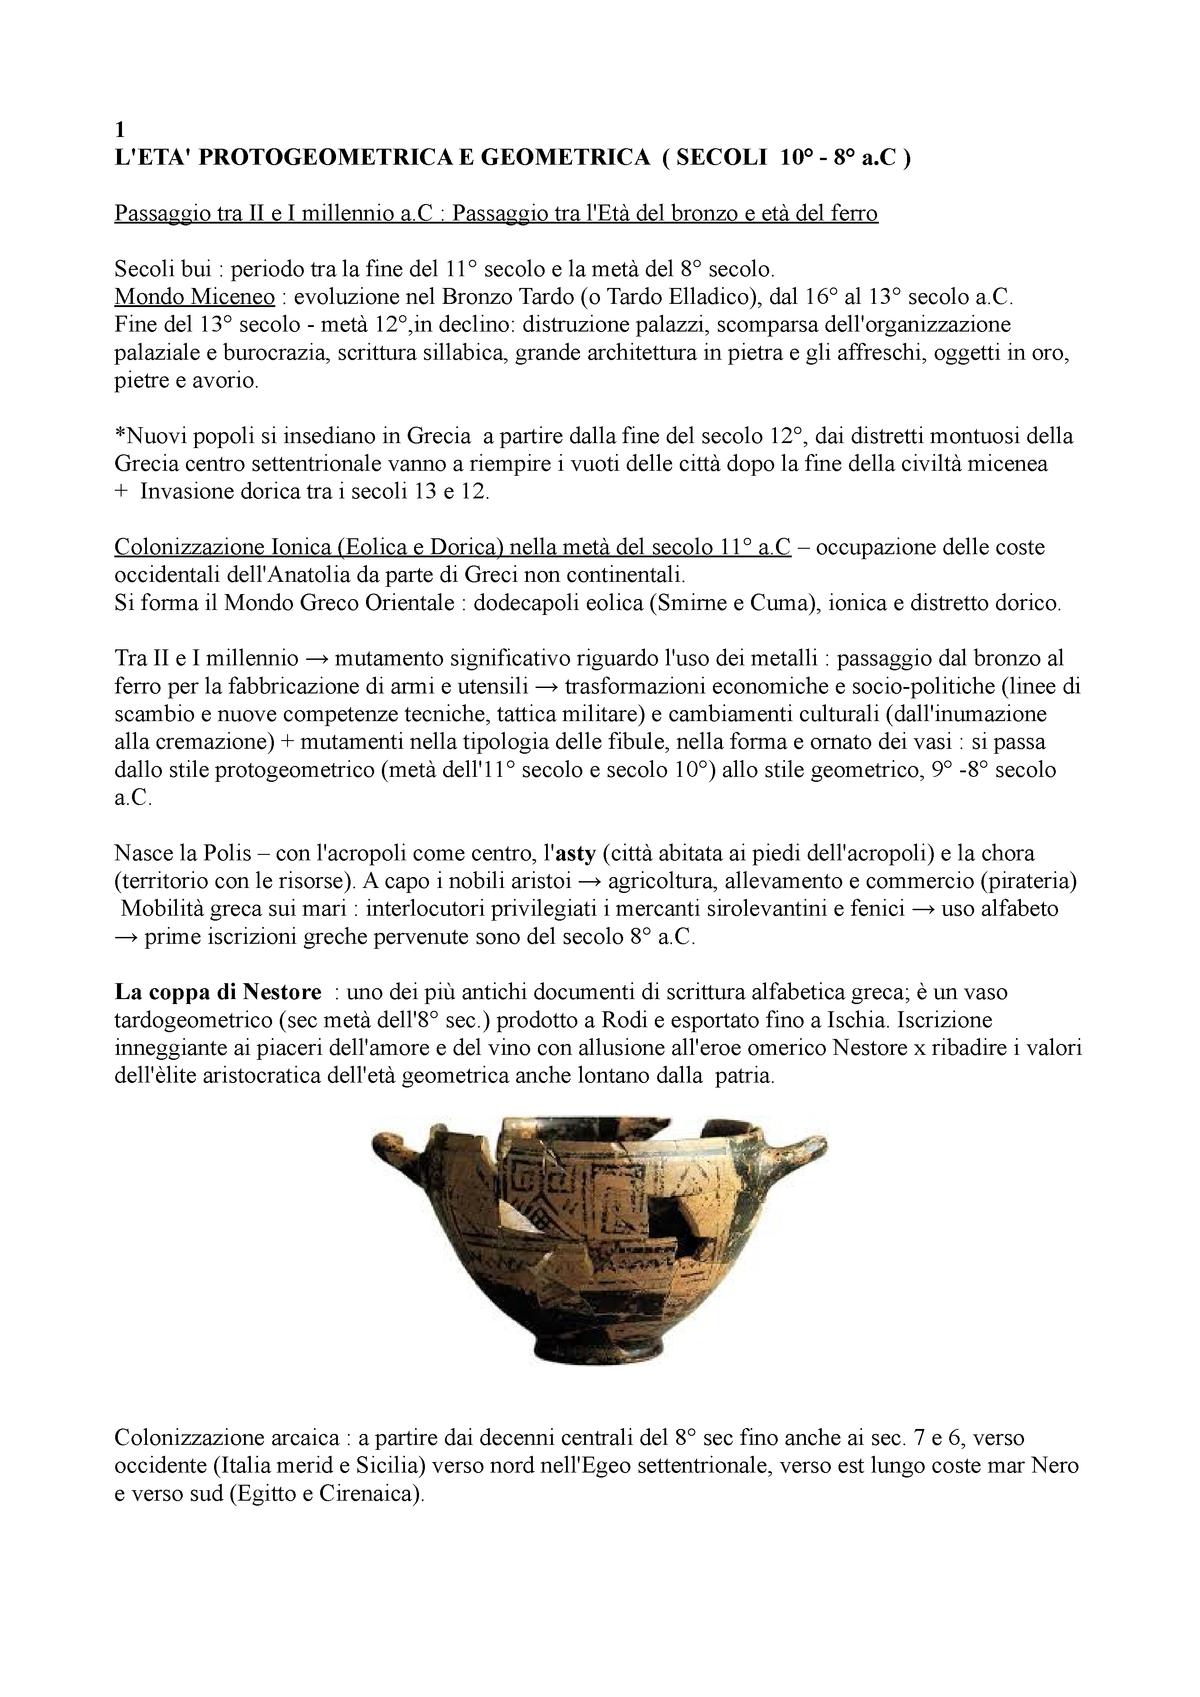 Decorazioni Dei Vasi Greci.Archeologia E Storia Dell Arte Greca Bejor 17183 Unipa Studocu